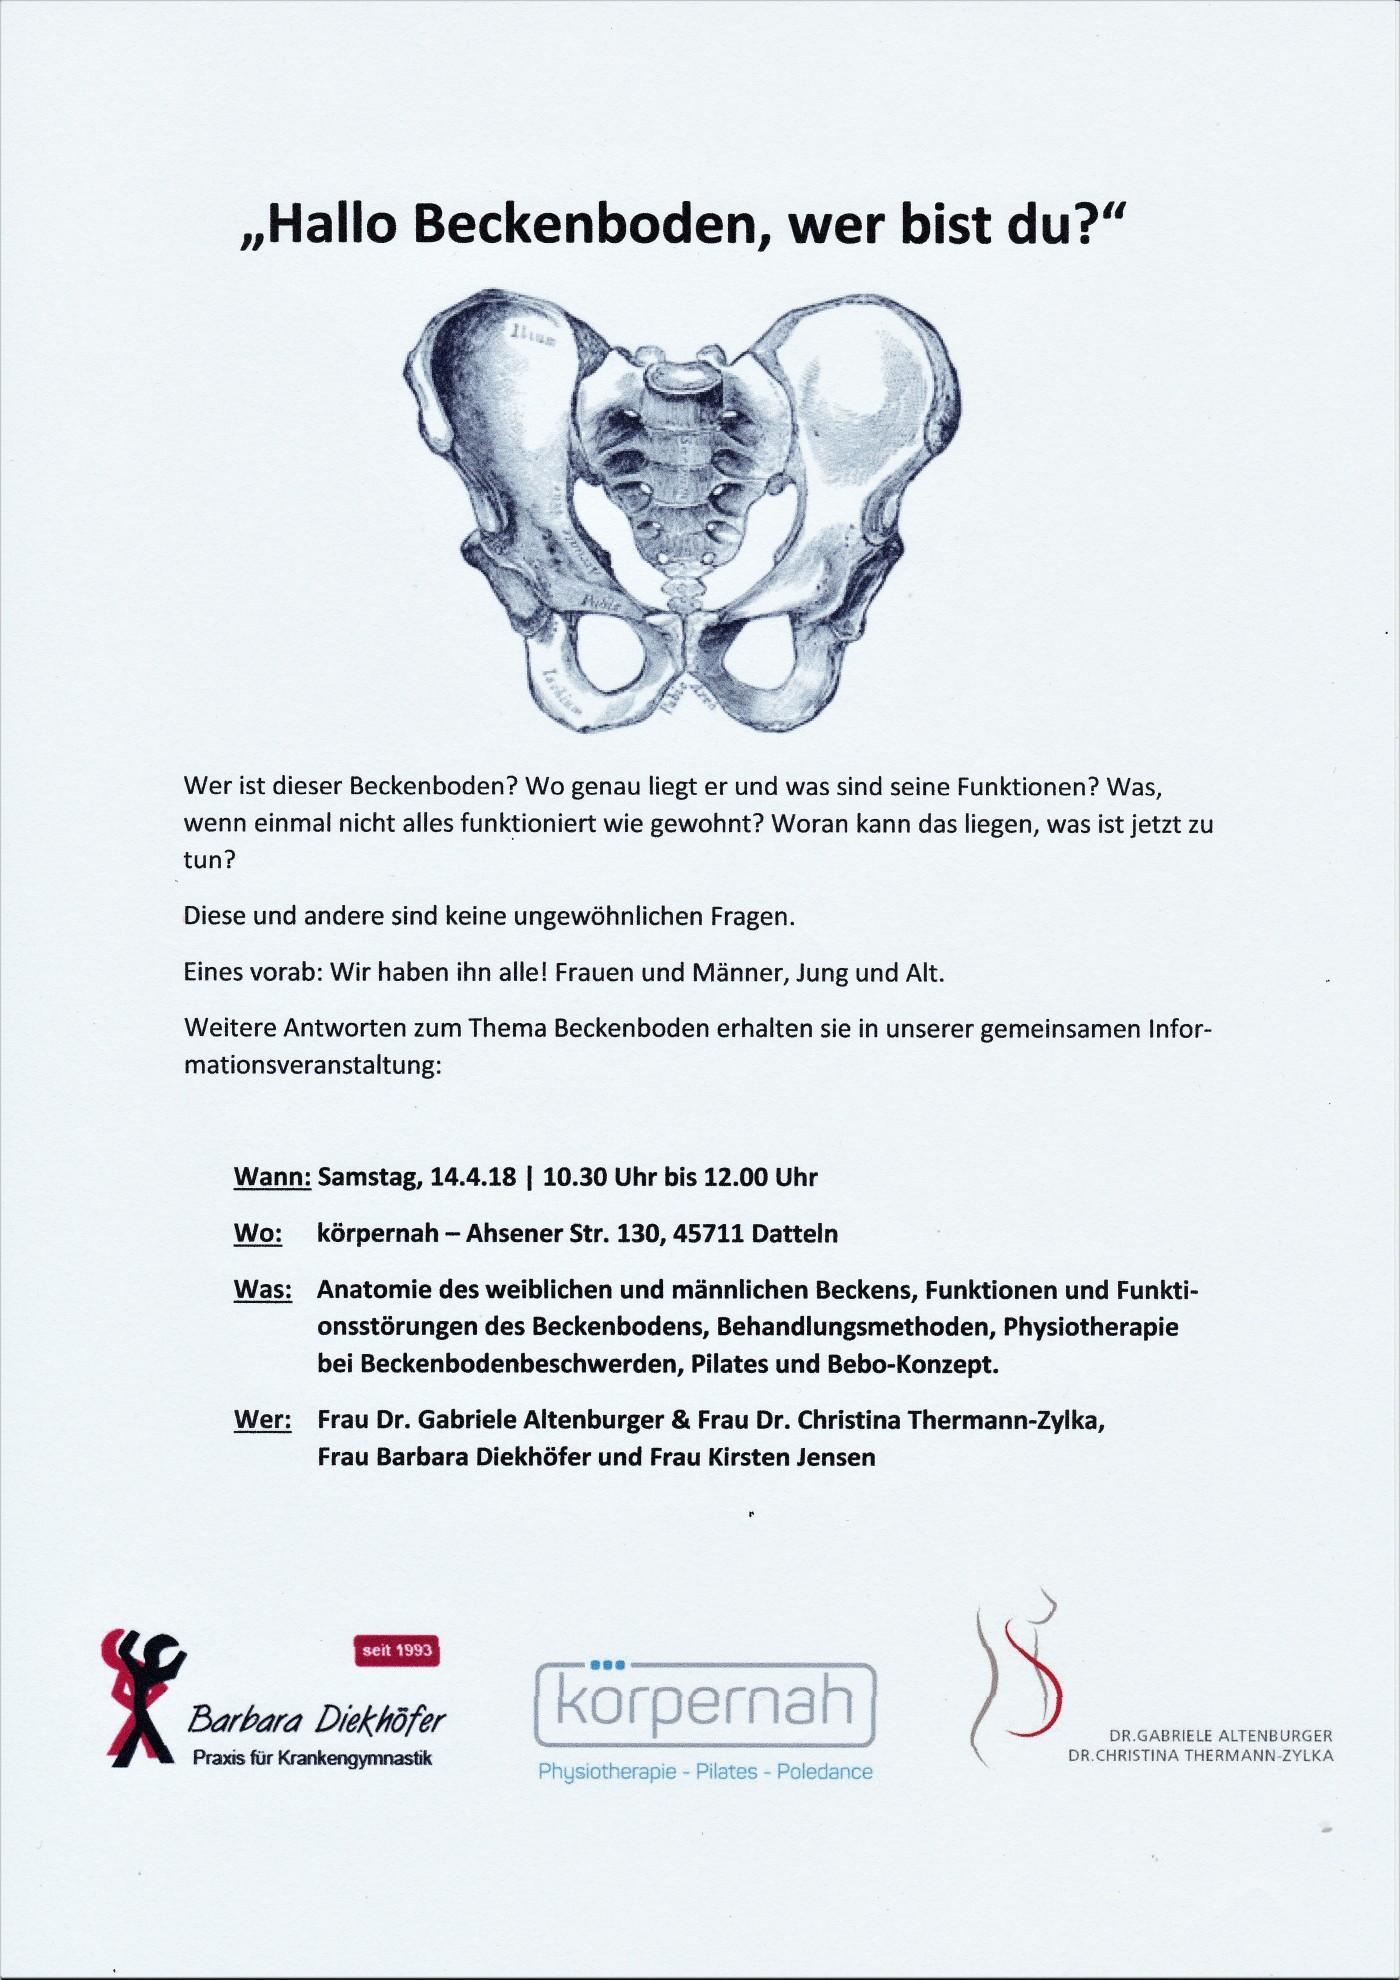 Groß Beckenboden Bilder Anatomie Ideen - Anatomie Von Menschlichen ...